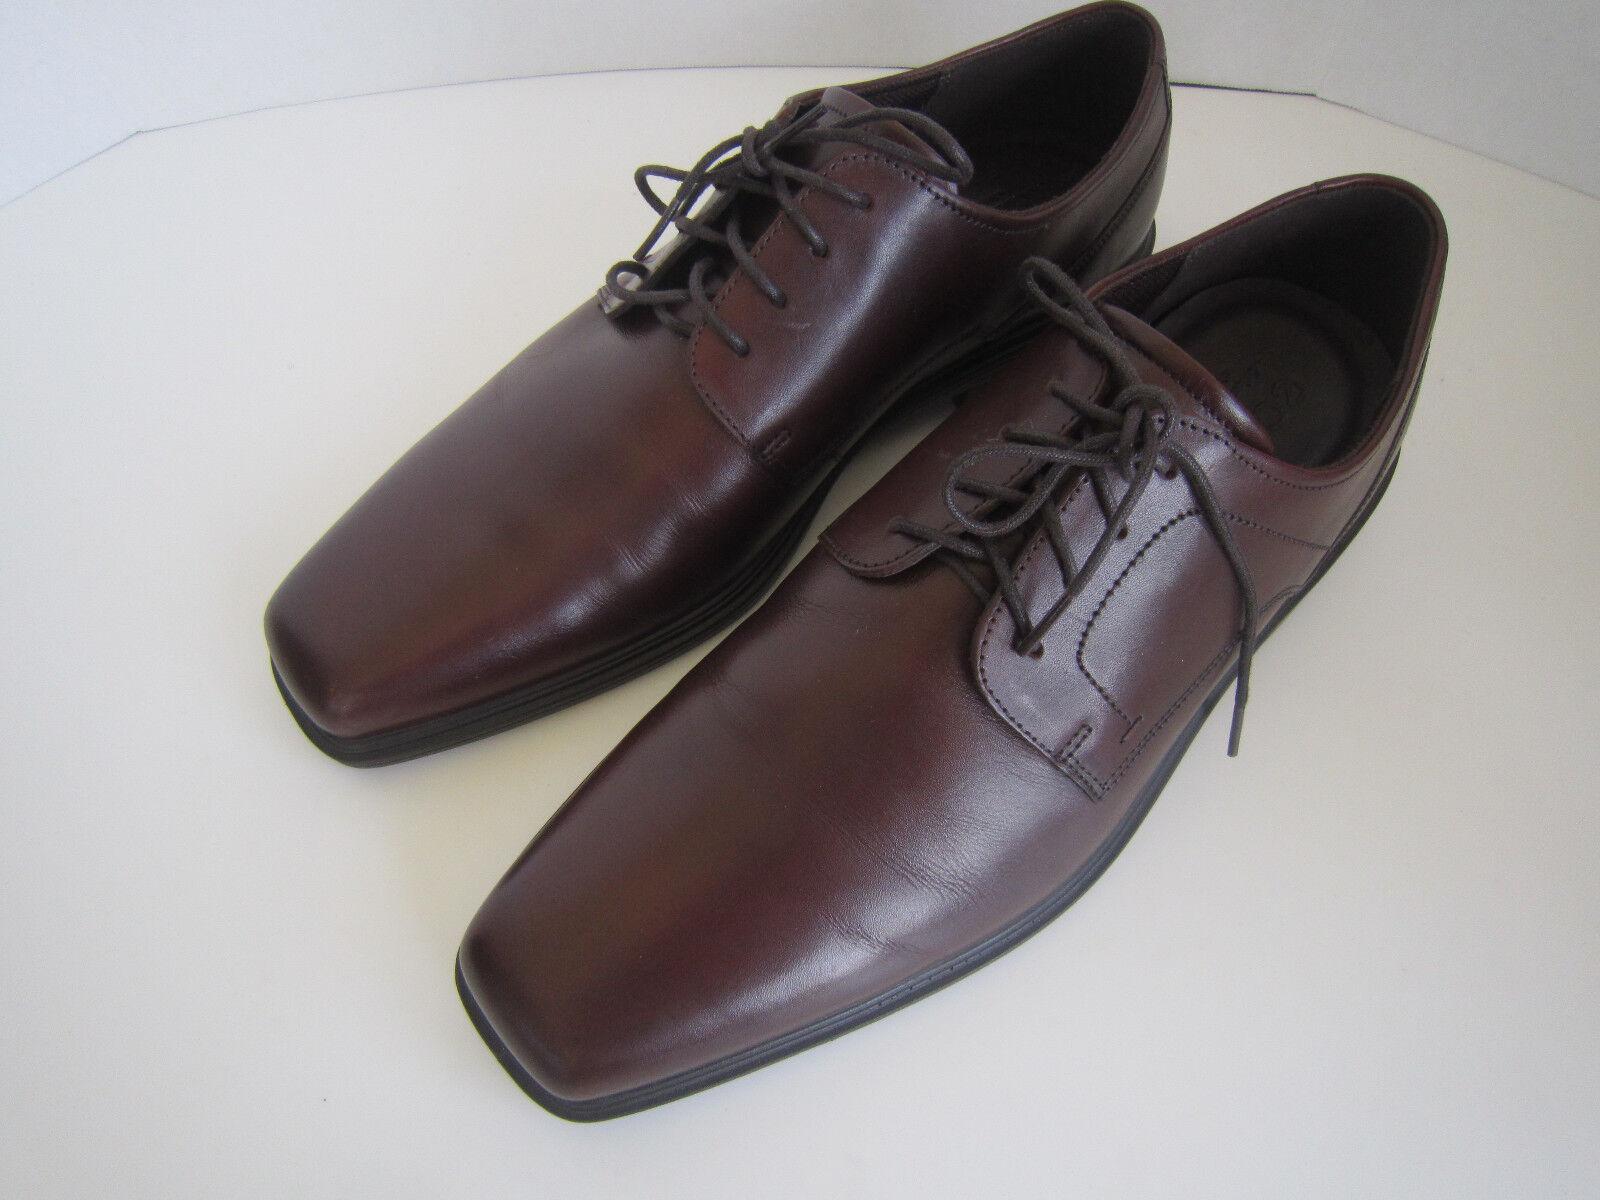 28ca7ebff7a0 ... ECCO Johannesburg Plain Plain Plain Toe Derby Brown Leather Men s  Oxfords shoes Eu46 Us11.5 ...